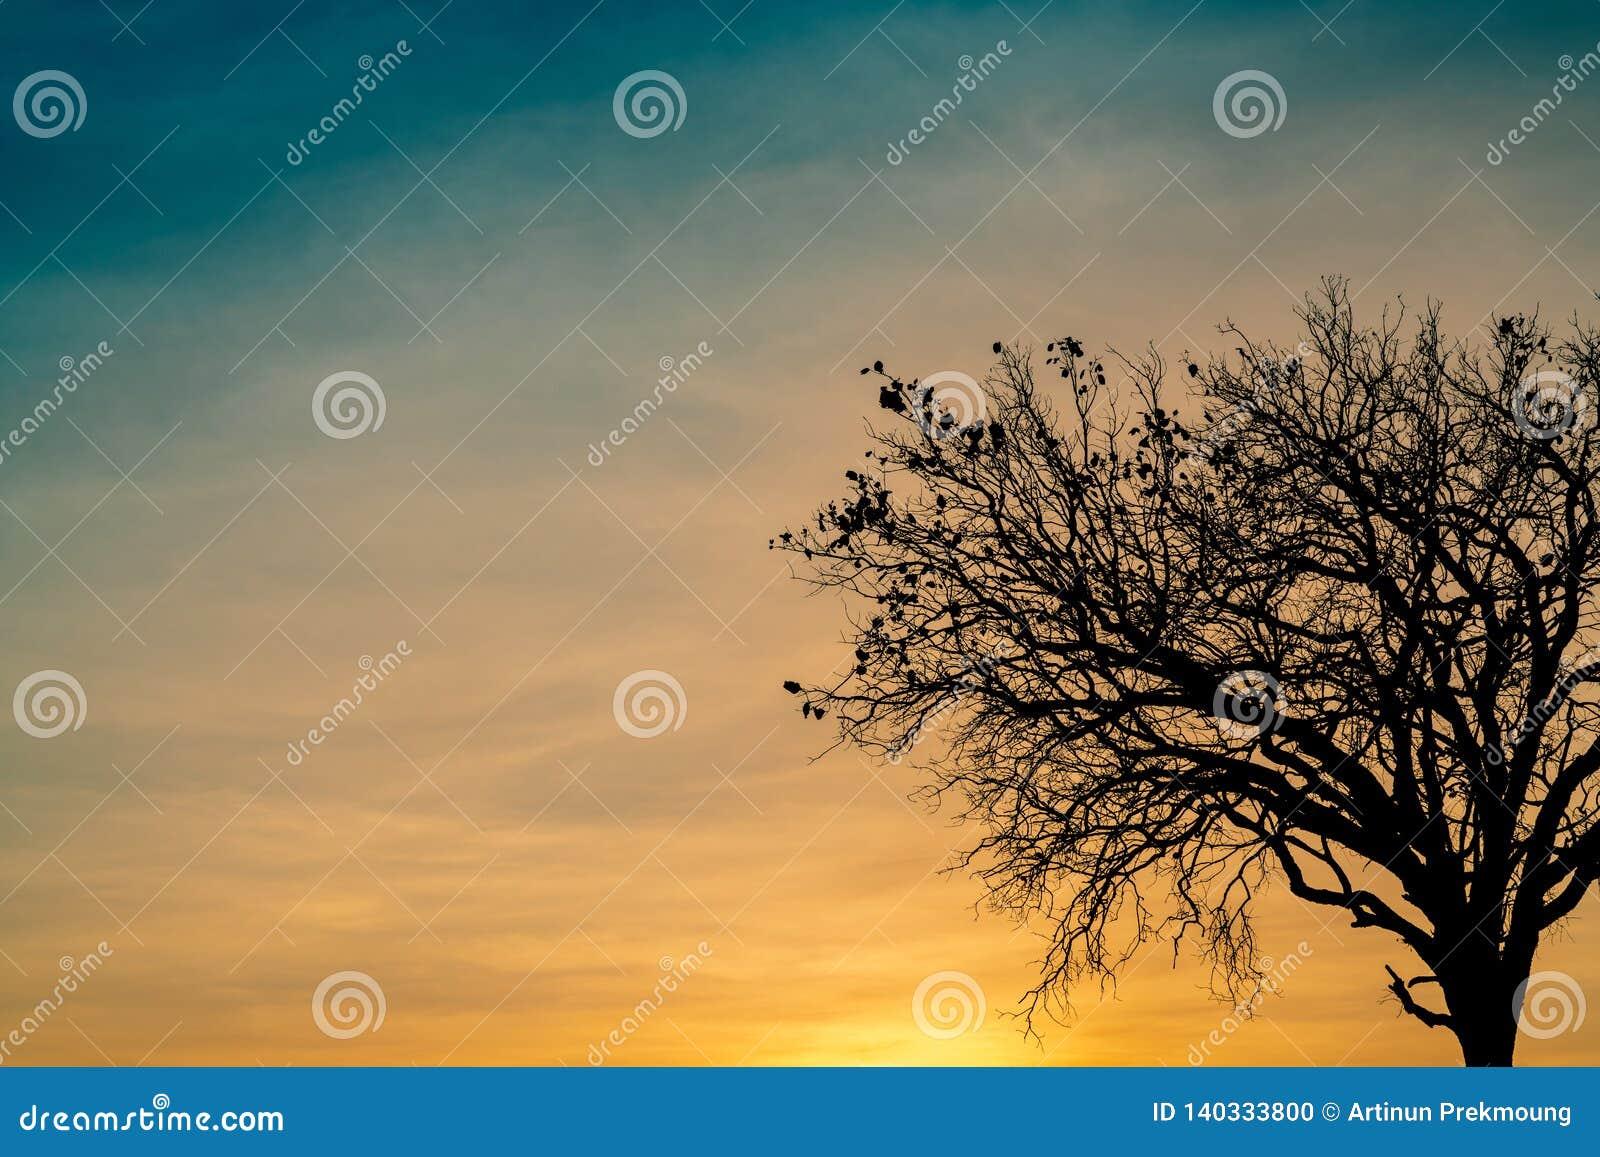 Toter Baum des Schattenbildes auf schönem Sonnenuntergang oder Sonnenaufgang auf goldenem Himmel Hintergrund für ruhiges und ruhi